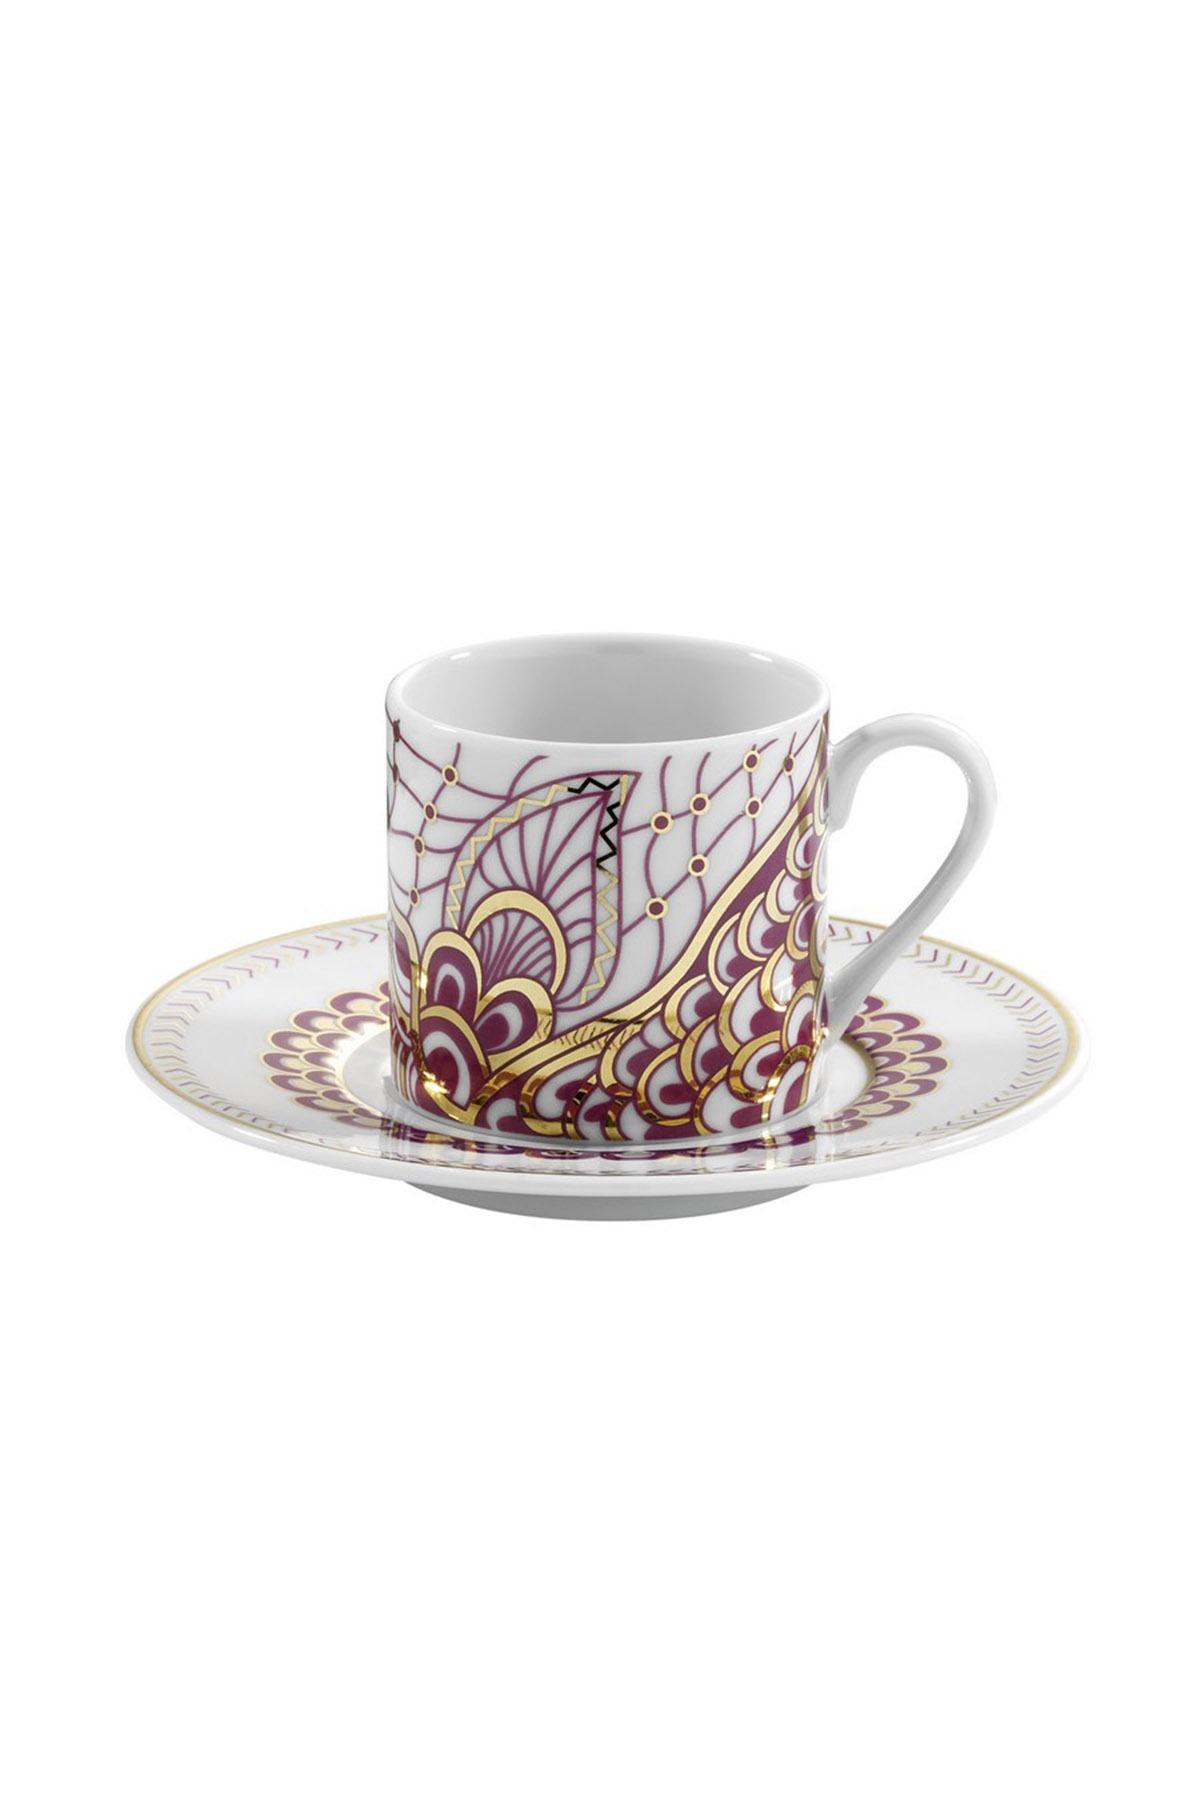 Kütahya Porselen - Kütahya Porselen Rüya 9107 Desen Kahve Fincan Takımı